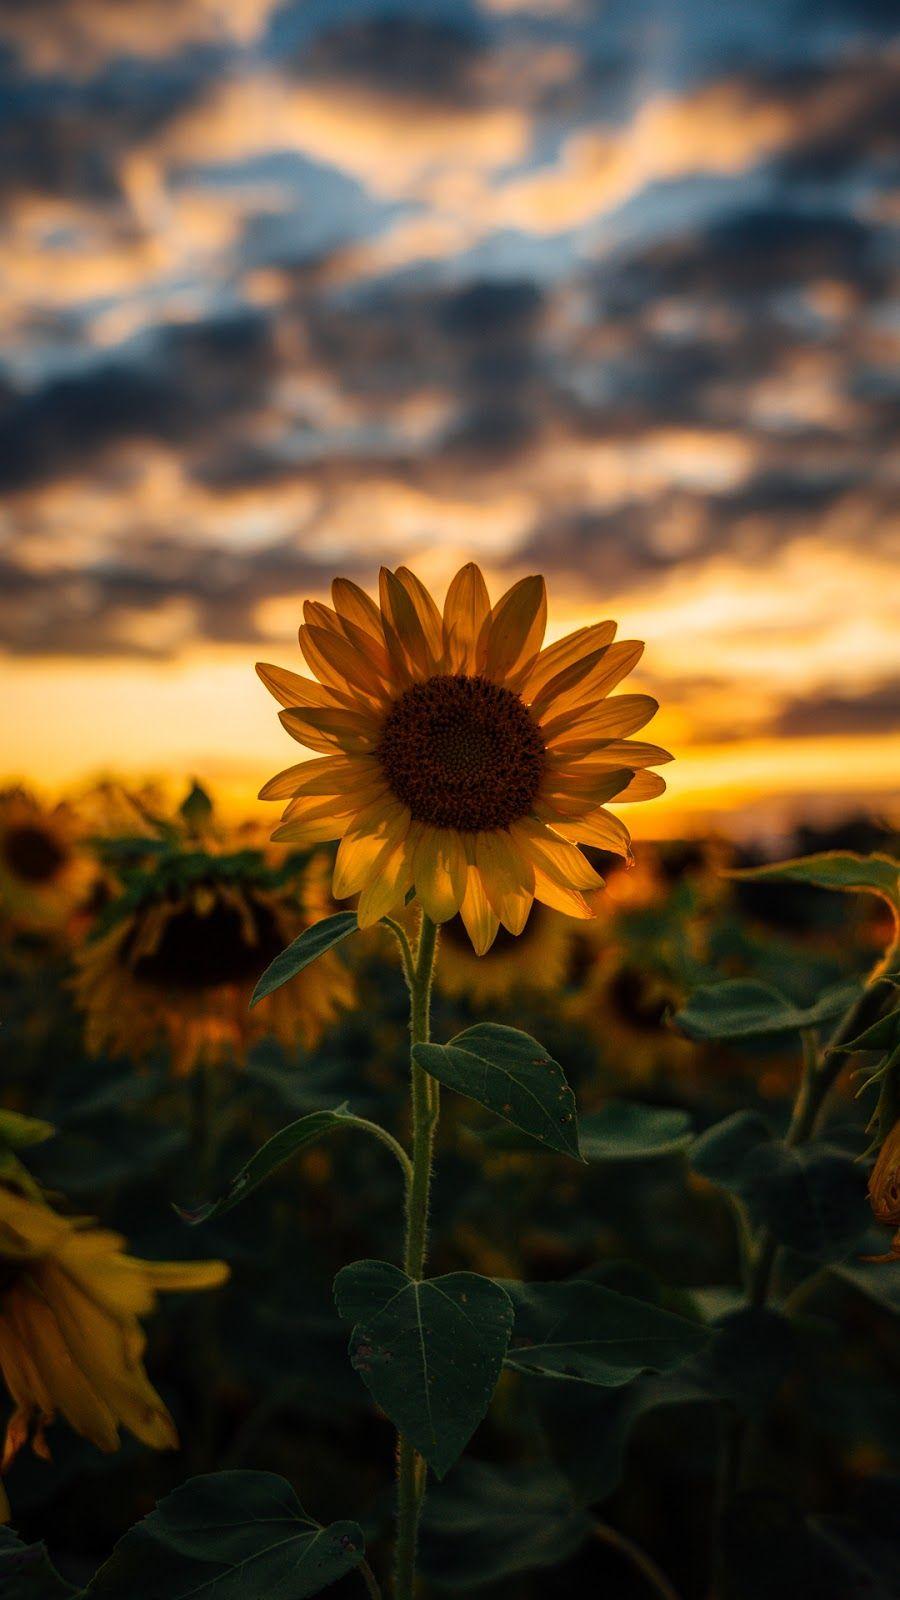 Sunflower Aesthetic Sunflower Wallpaper Nature Wallpaper